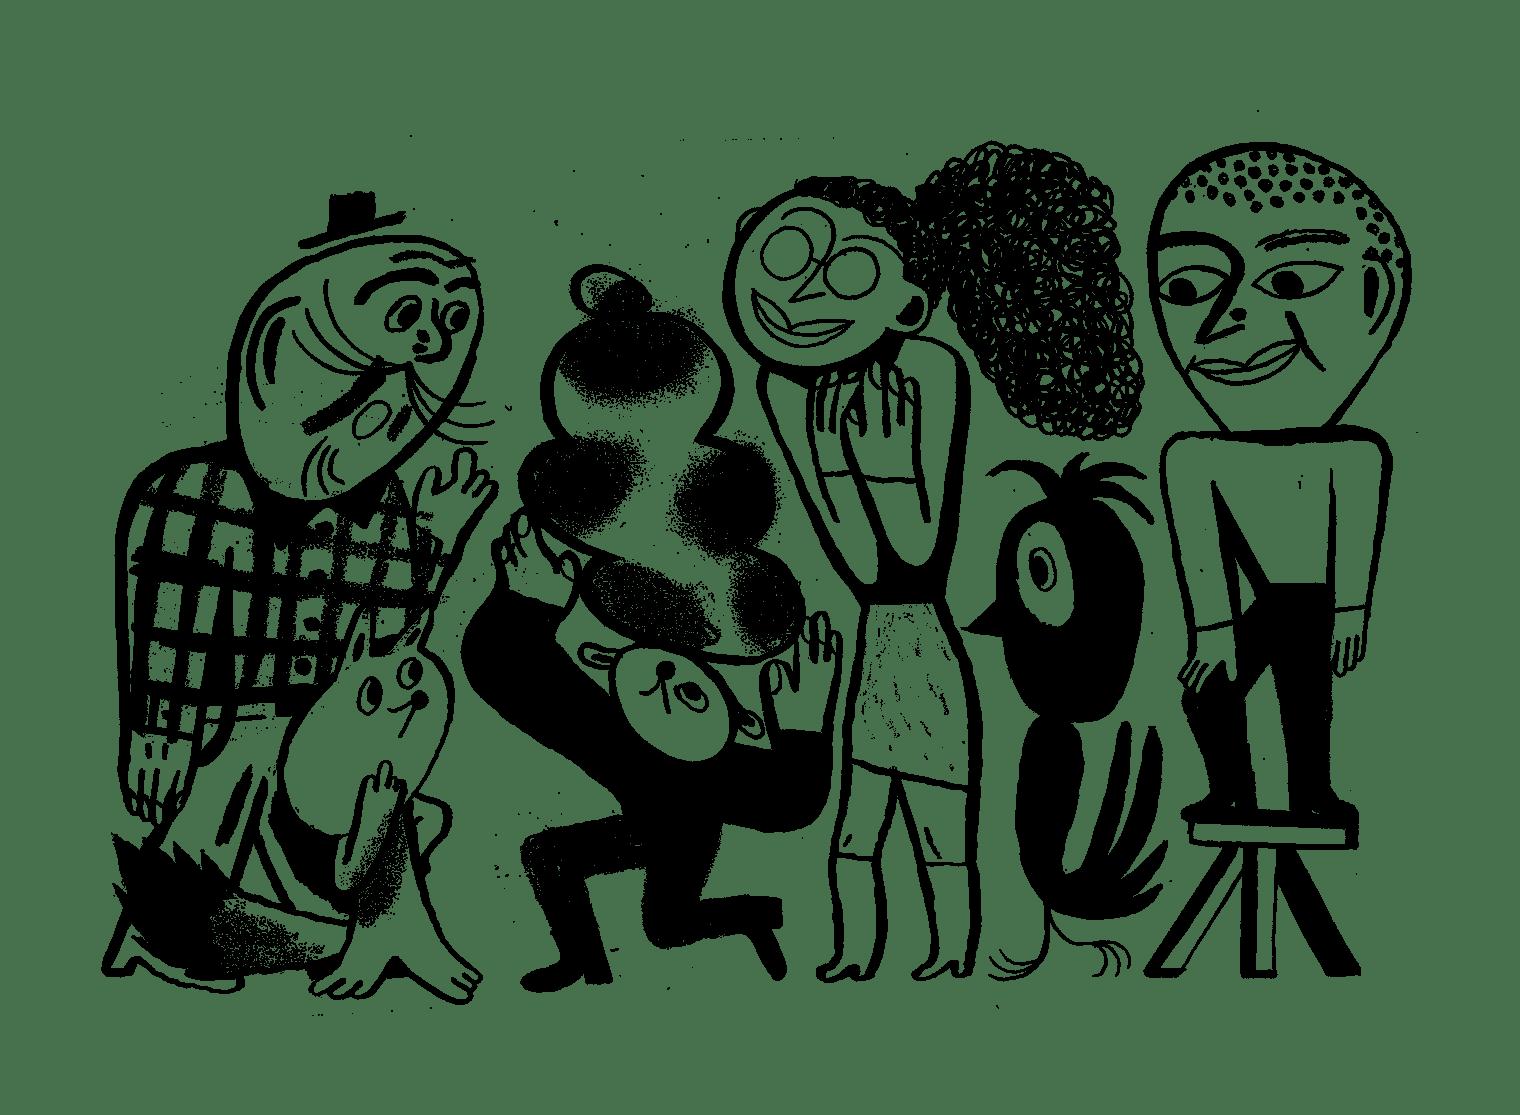 Thumbnail for Mailchimp Celebrates Its Illustrators: Sarah Mazzetti